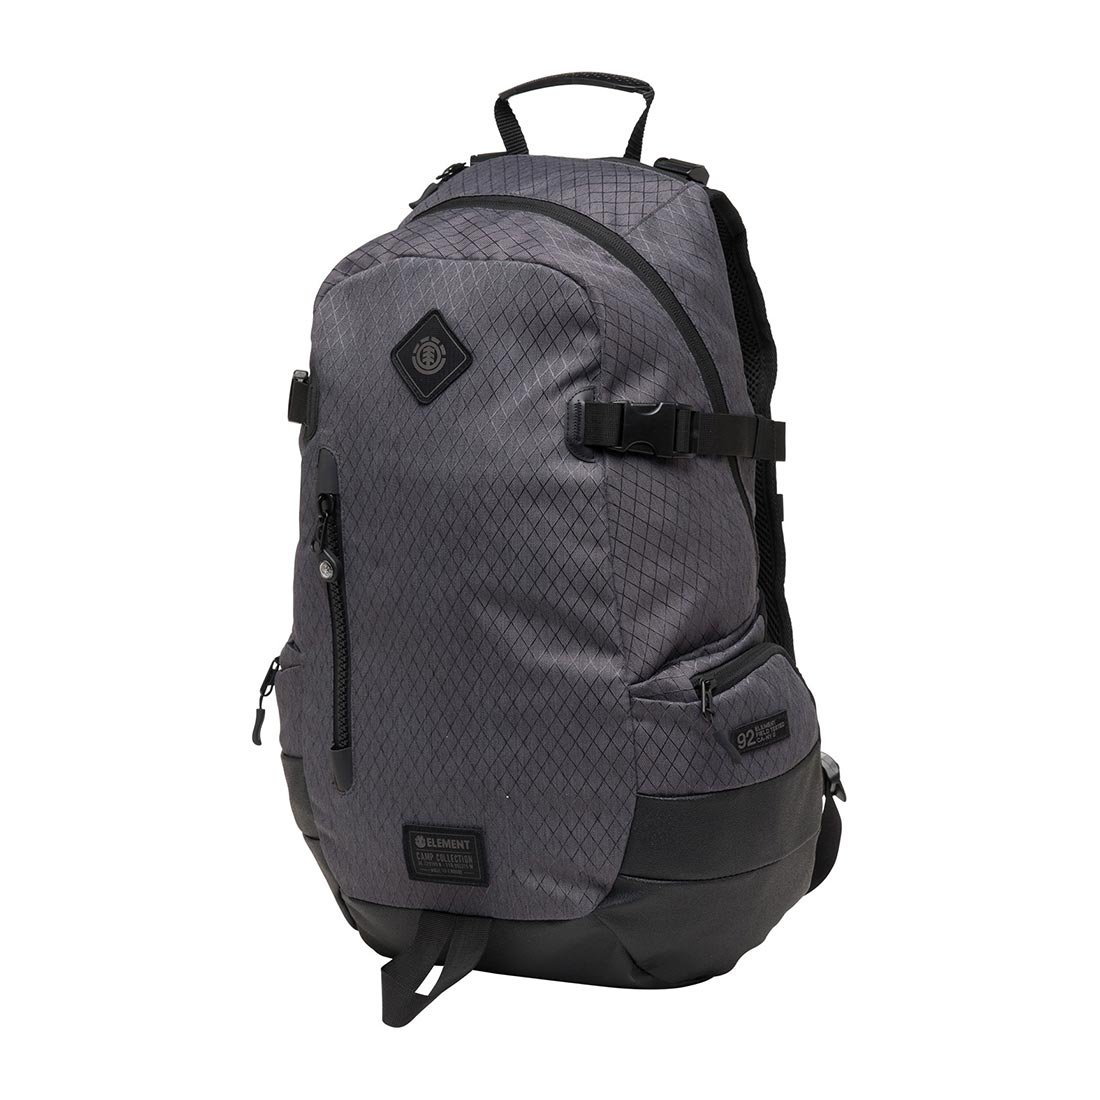 Element Jaywalker 30L Backpack - Anthracite